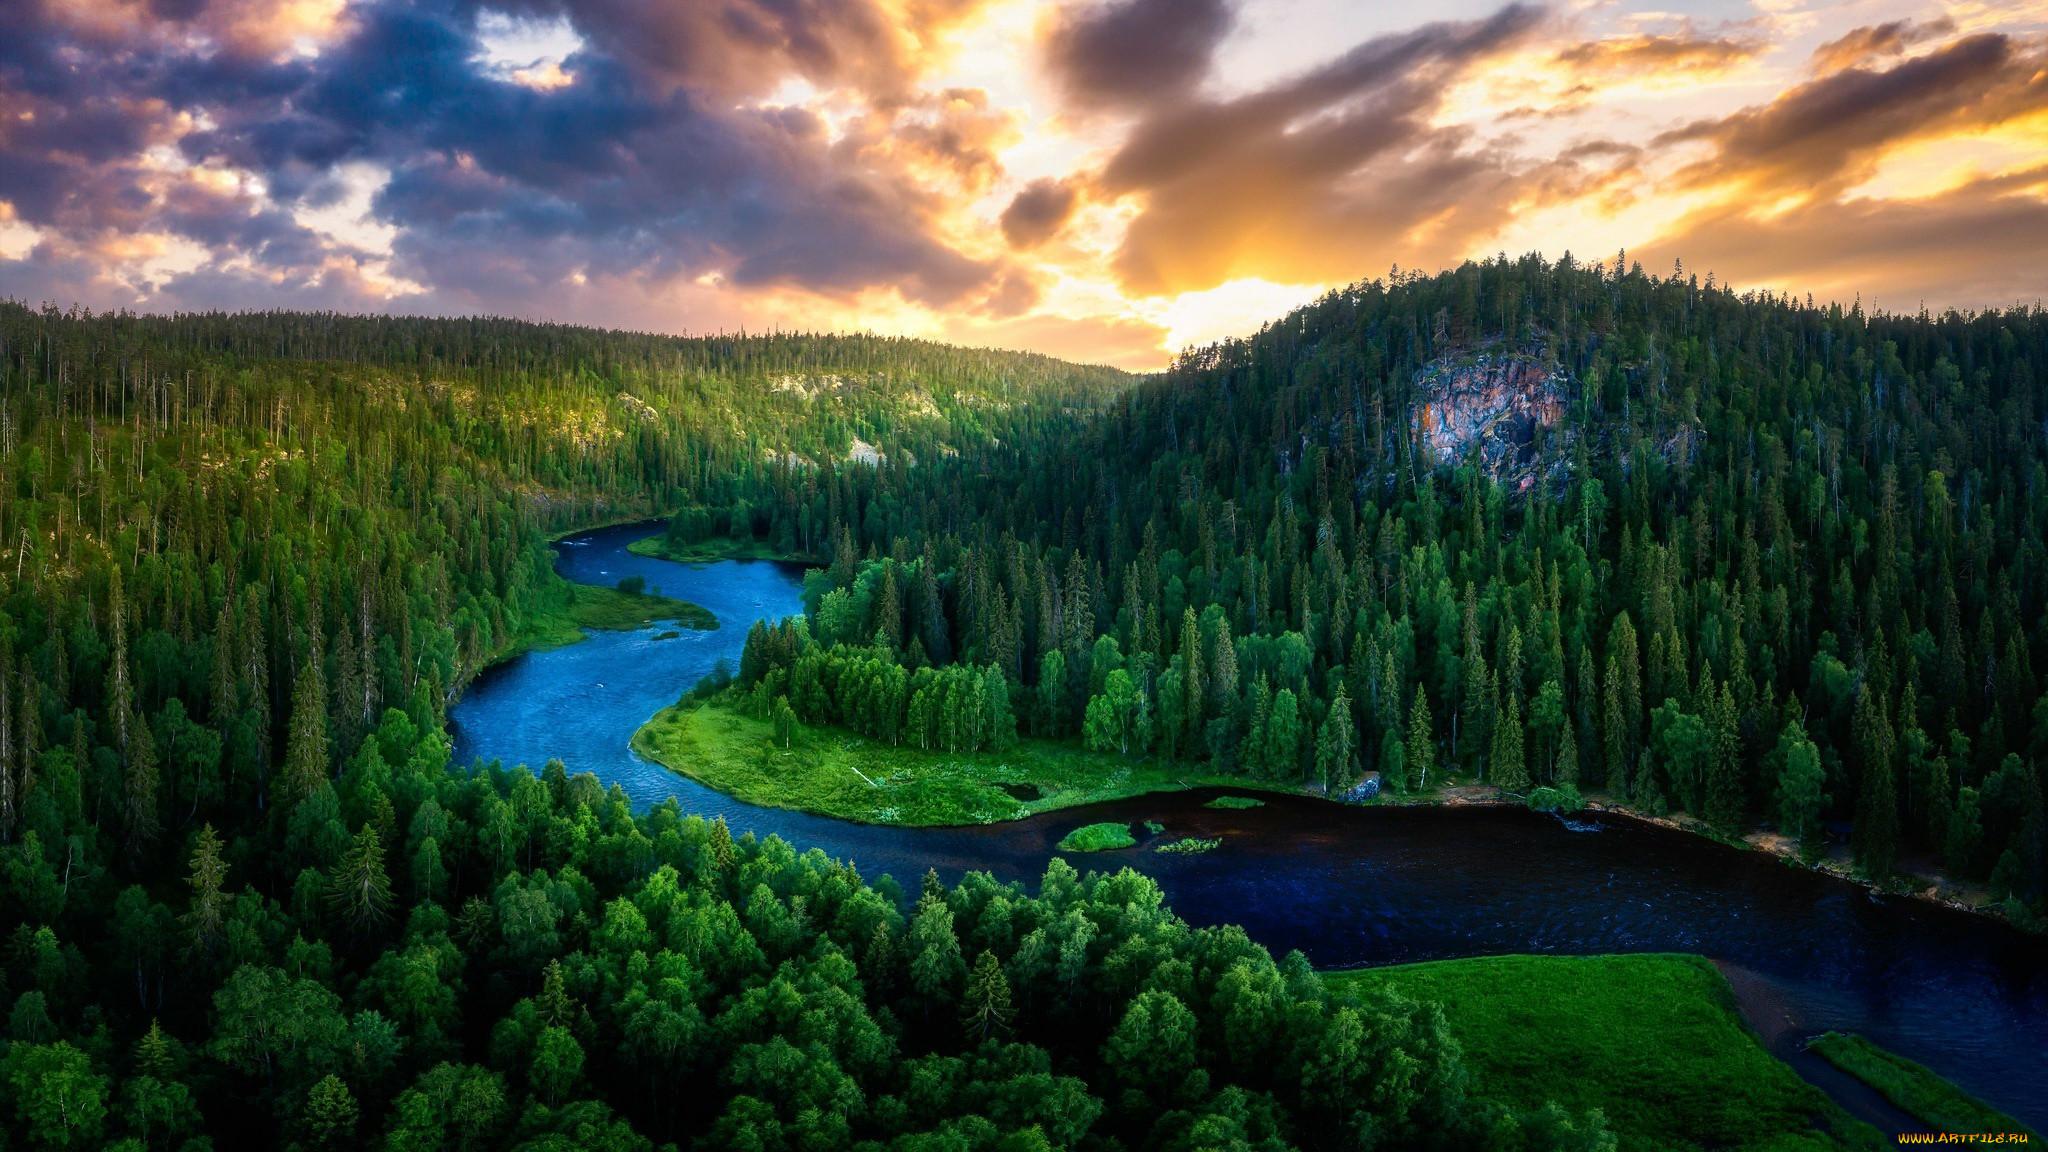 природа, реки, озера, лес, лето, река